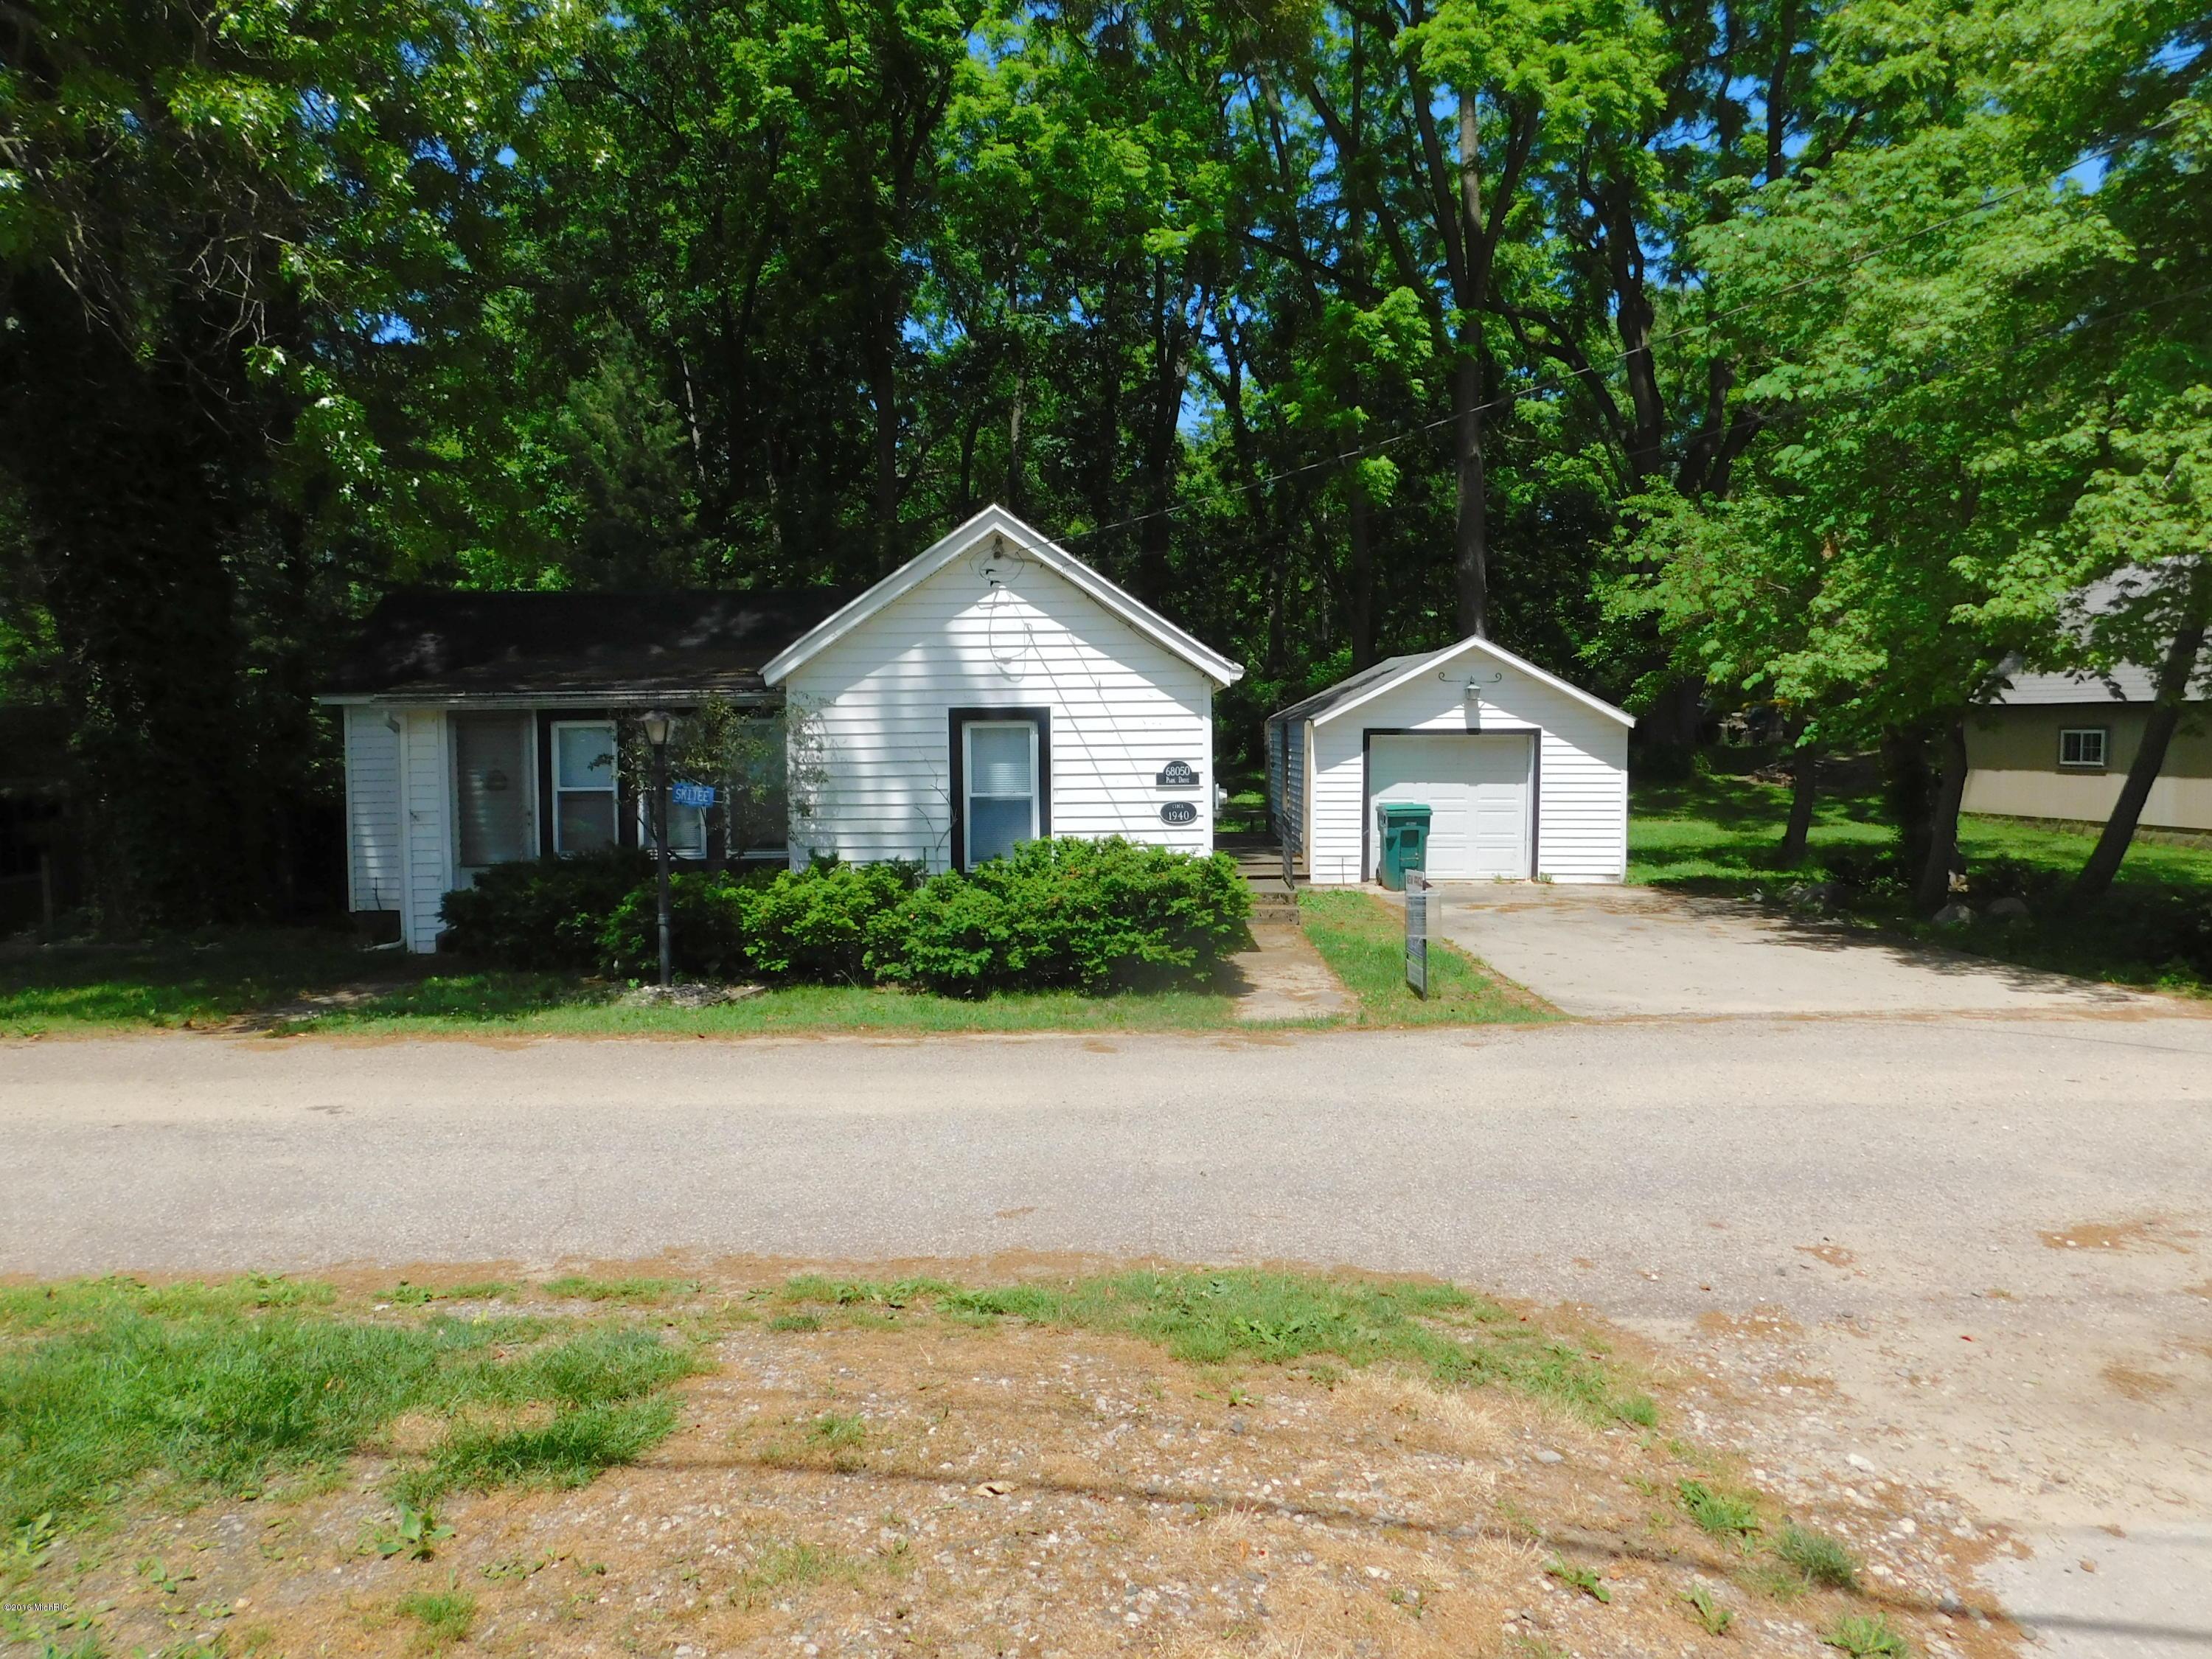 68050 Park Drive, Paw Paw, MI, 49079 Primary Photo